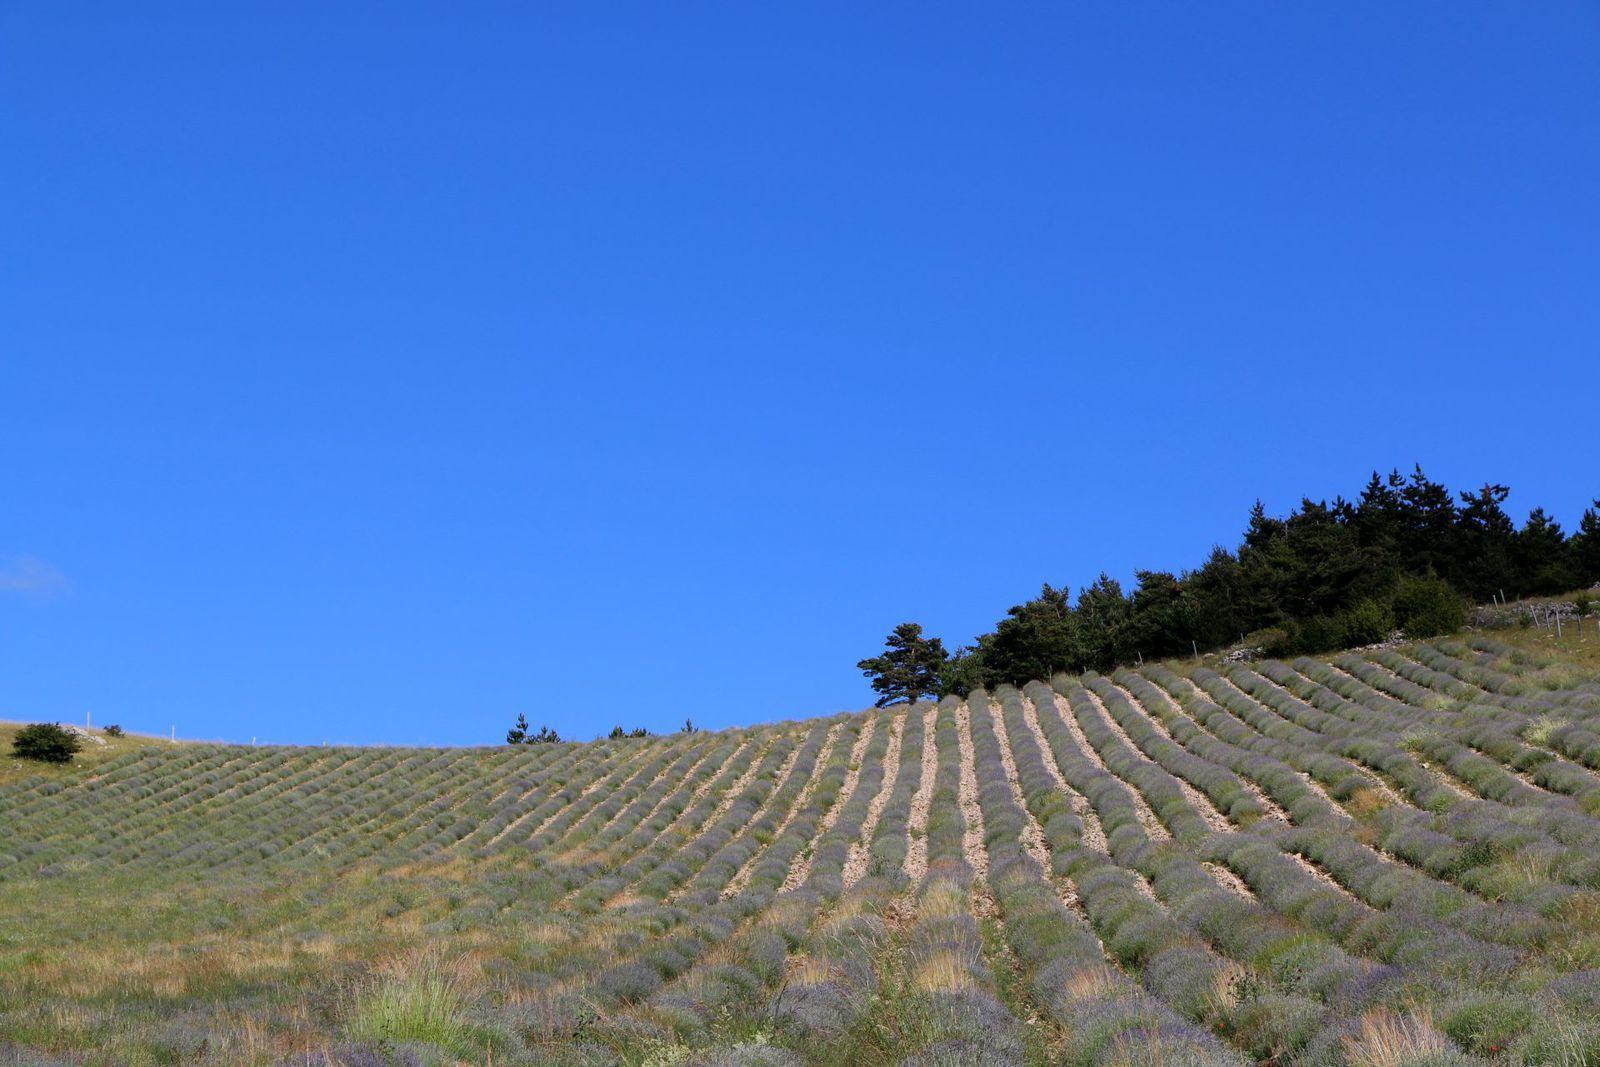 Un champ de lavande à 1 100 mètres d'altitude. Ciel bleu au sud.